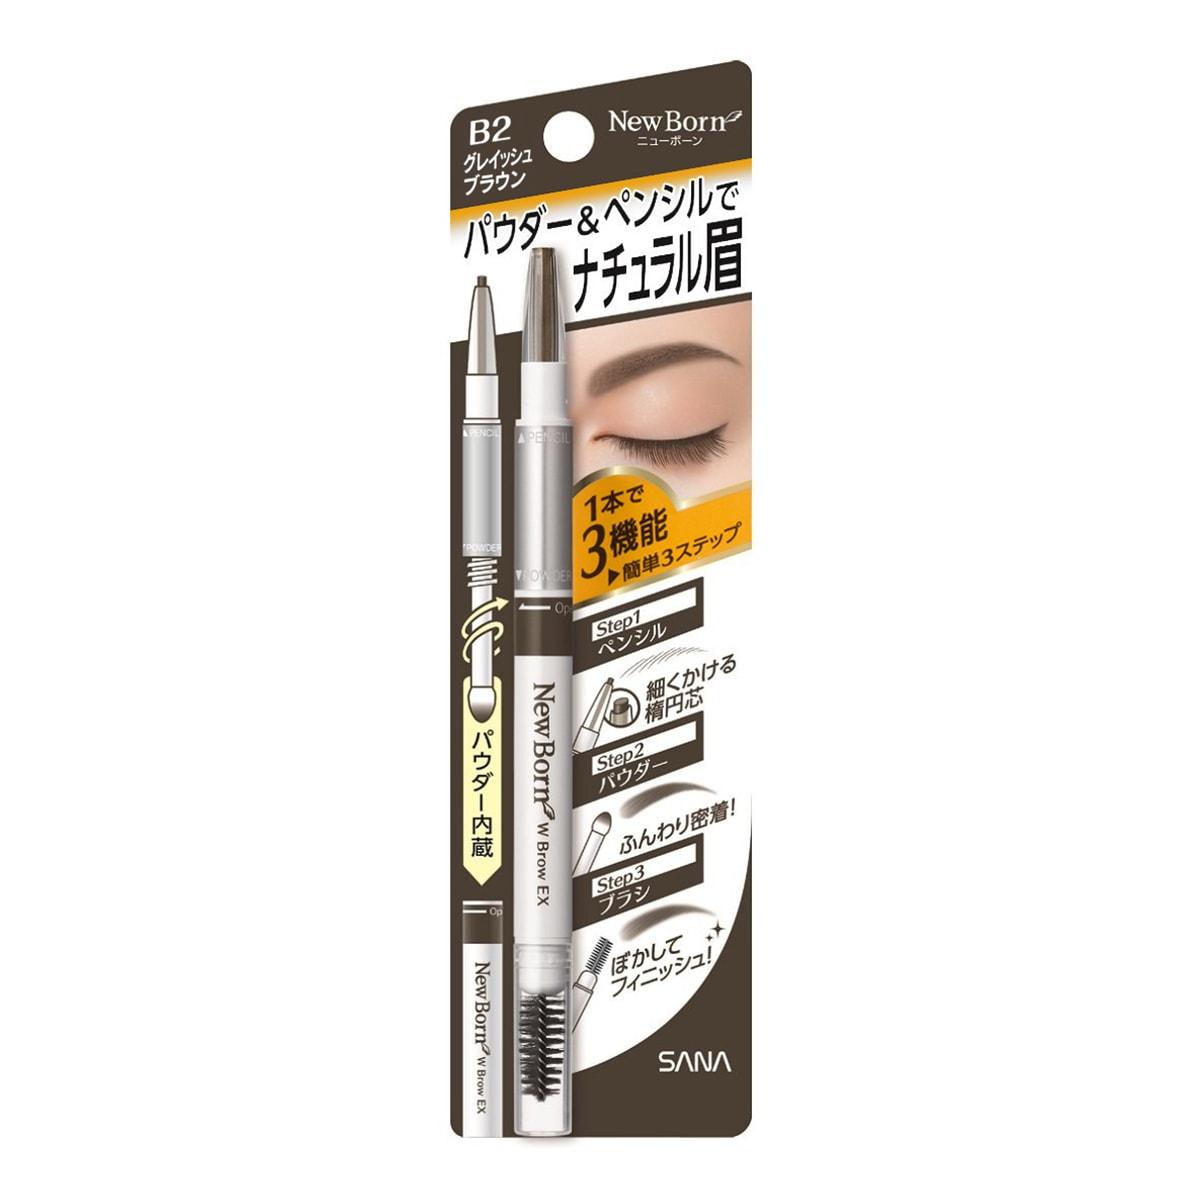 日本SANA莎娜 NEW BORN EX 眉采飞扬三用眉笔 眉笔+眉粉+旋转眉刷 #B2灰棕色 单支入